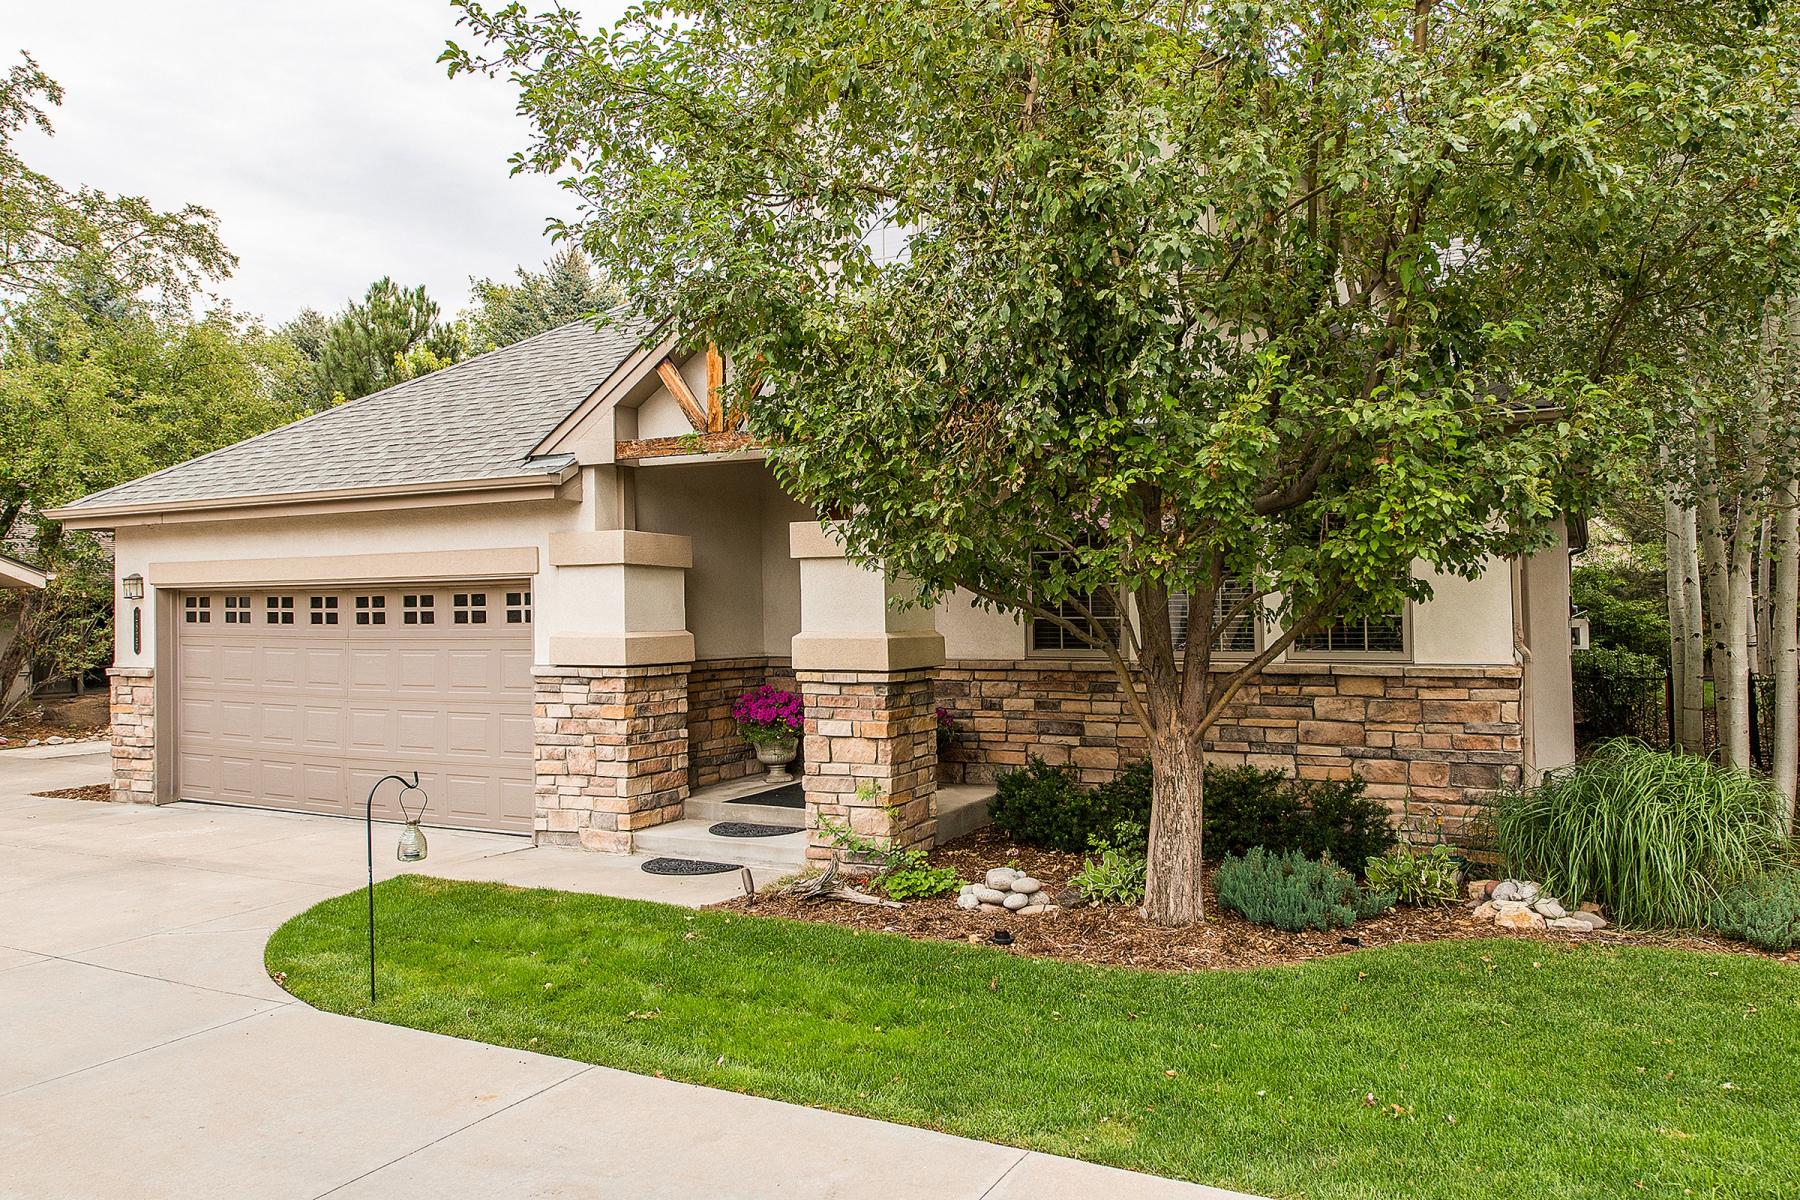 단독 가정 주택 용 매매 에 Sophisticated Single Family Home on a Private Drive in Cherry Creek 2825 East Alameda Avenue Cherry Creek, Denver, 콜로라도 80209 미국